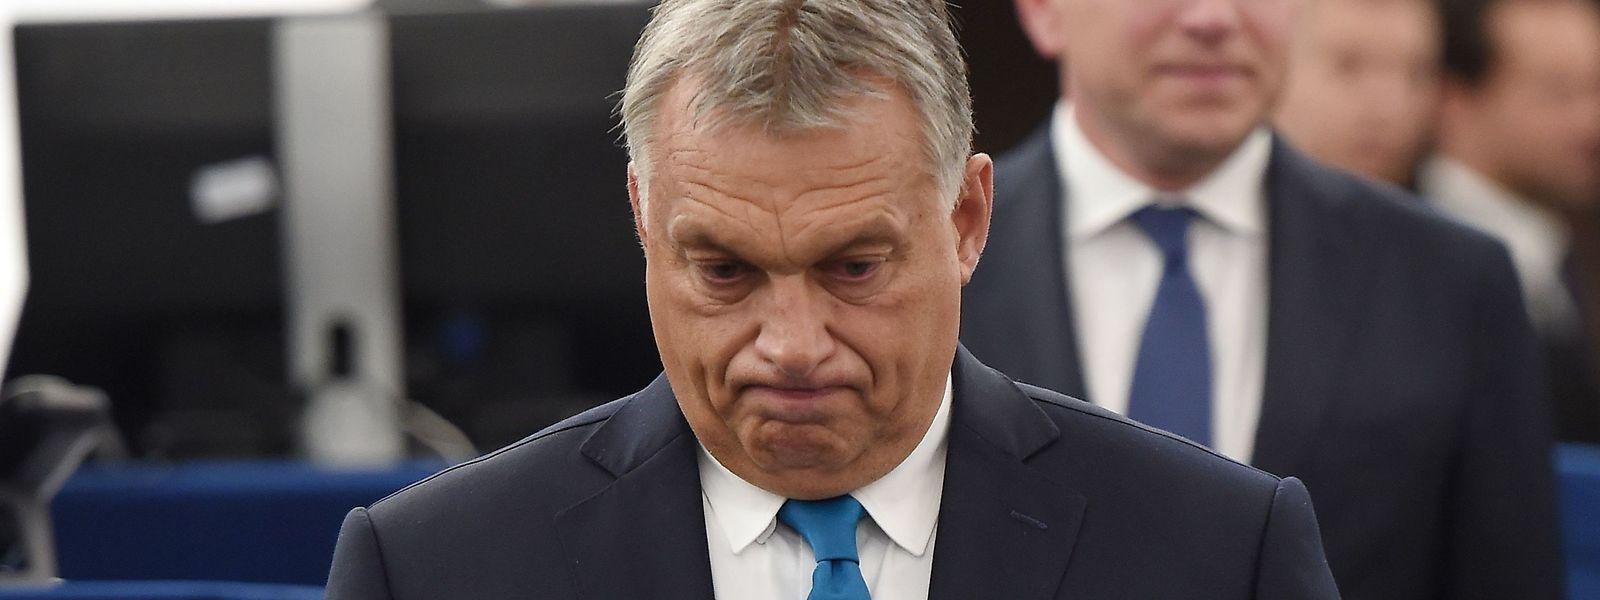 Hat Viktor Orban zu hoch gepokert?